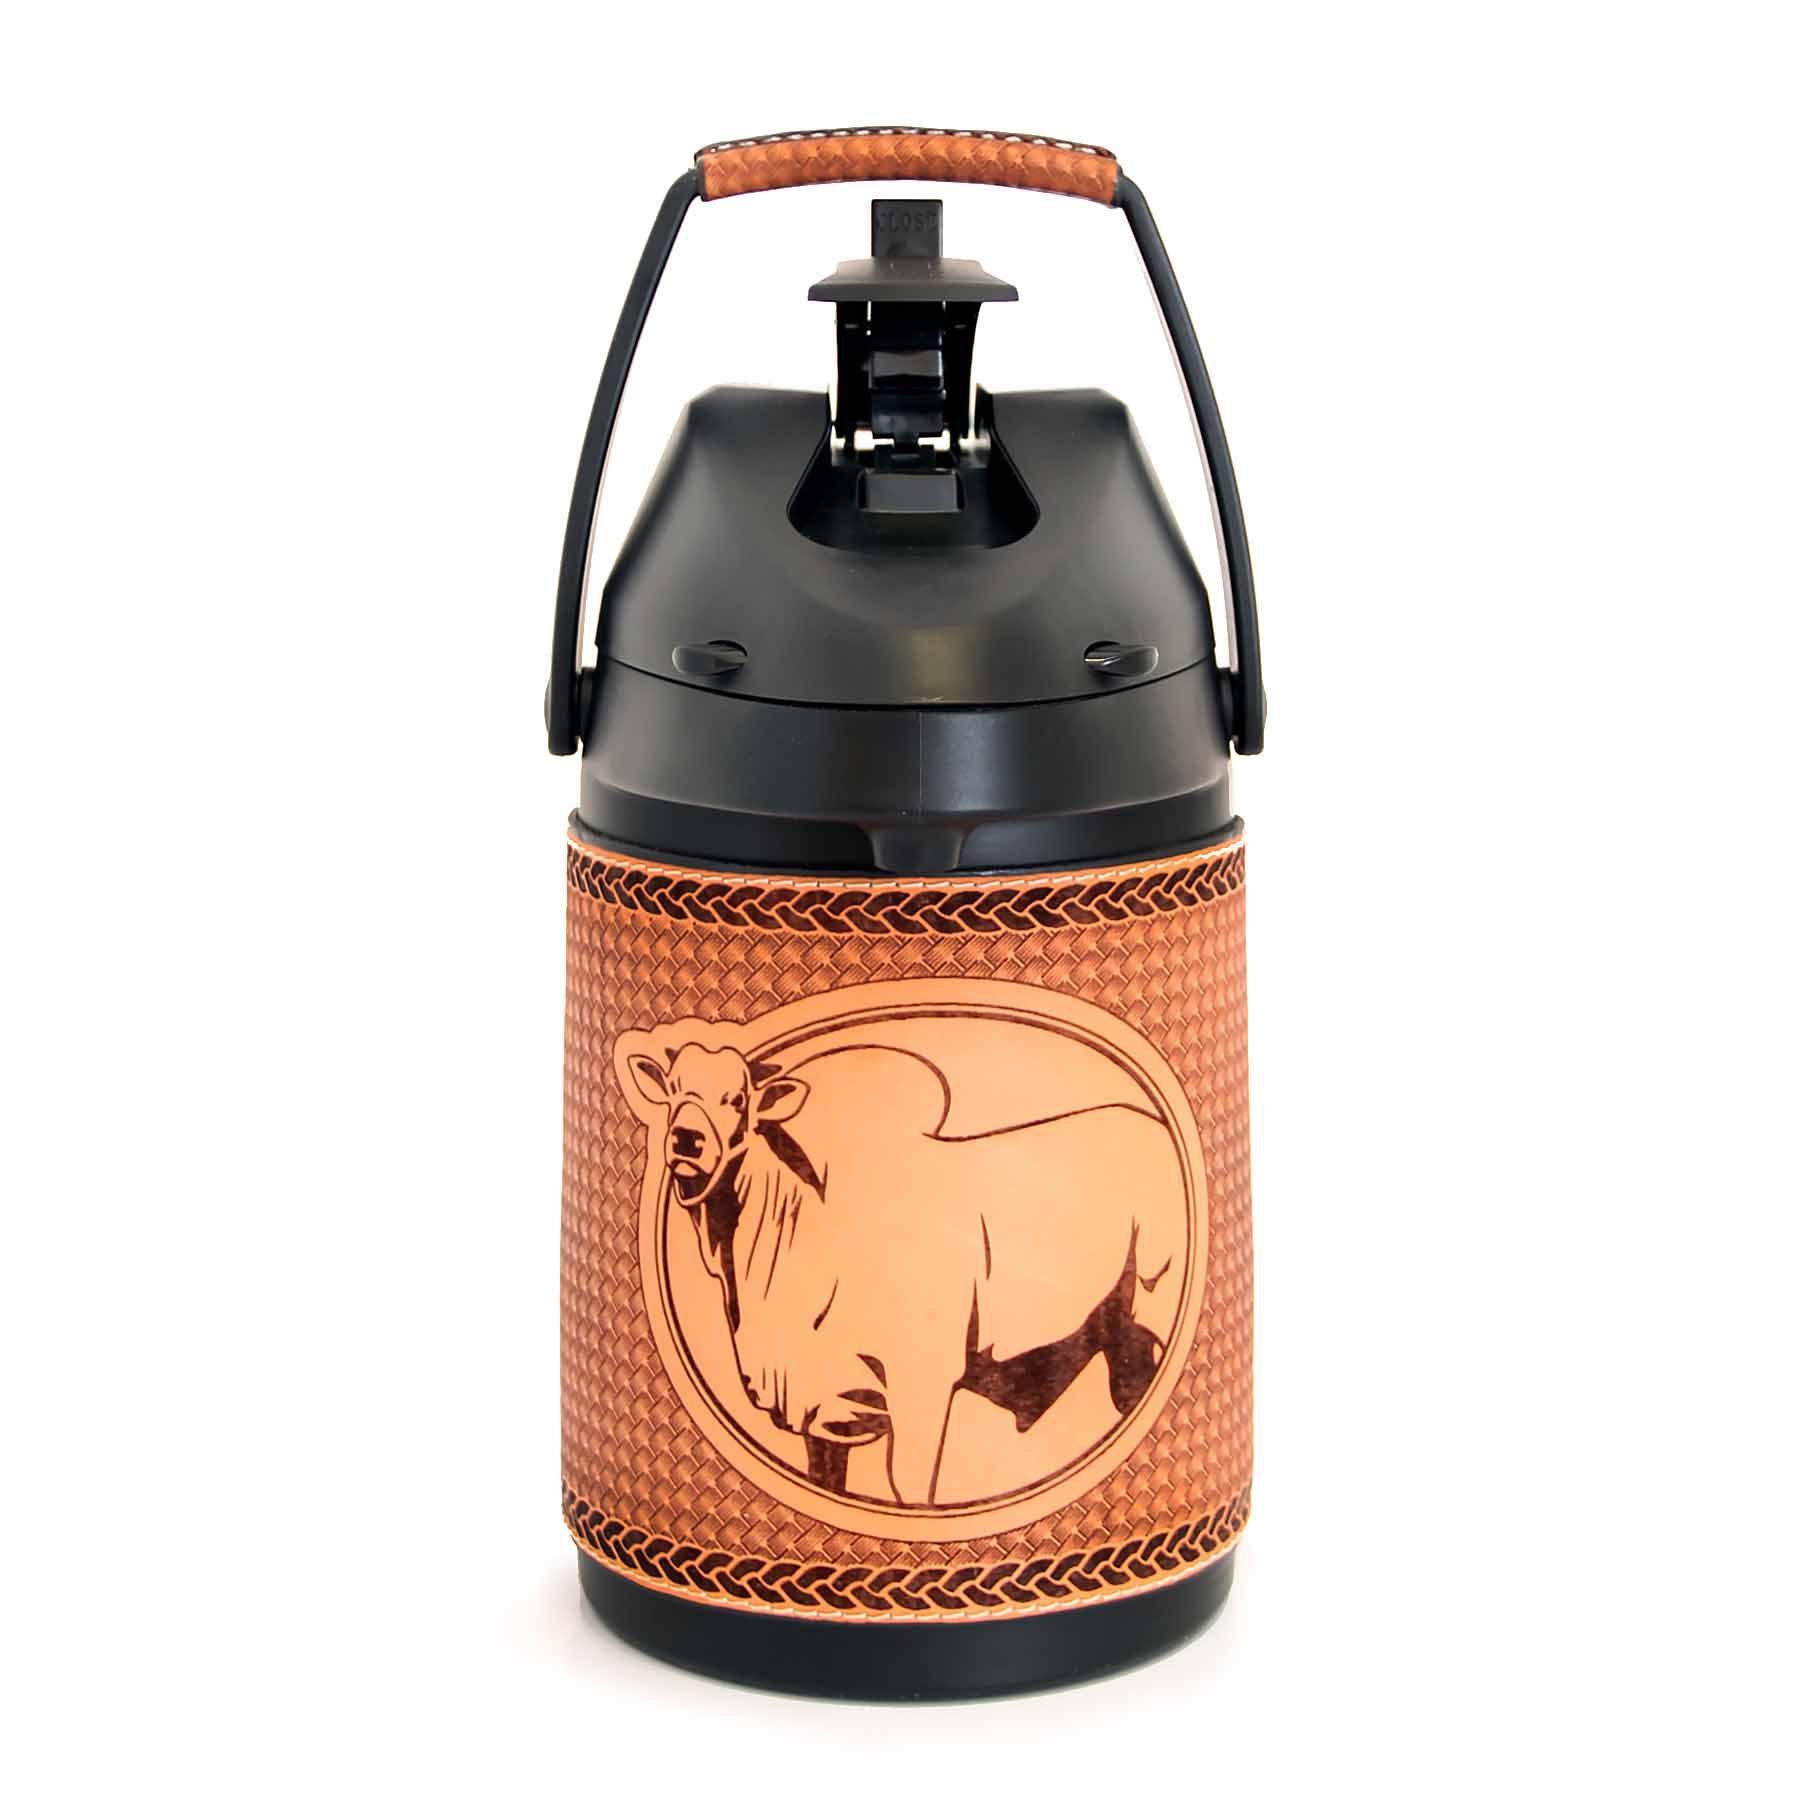 Garrafa Inox em couro 2,5 lts - Nelore